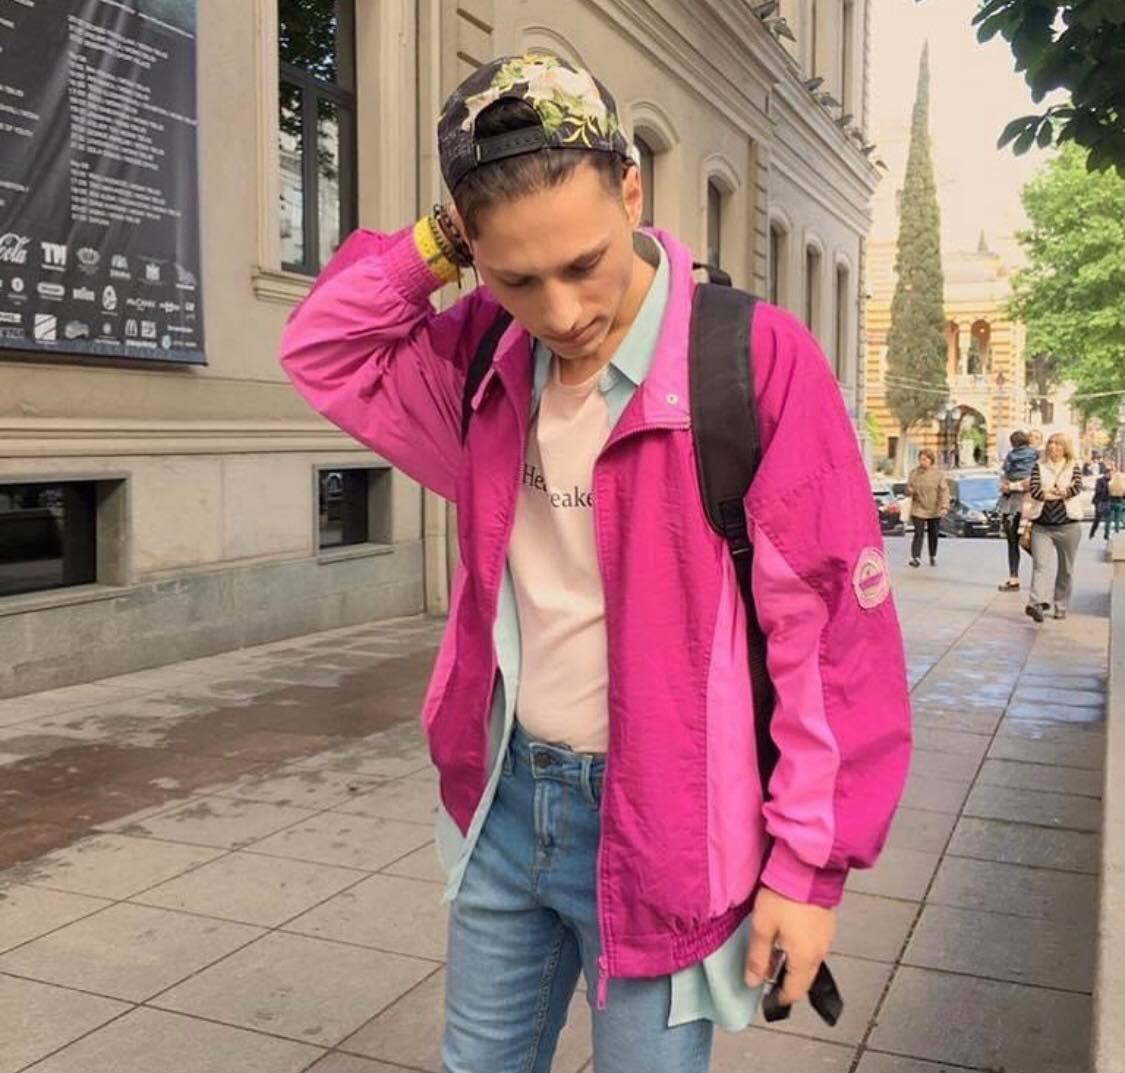 192394662 1198217043942073 1778778322026735921 n #общество гендерные стереотипы, Грузия, розовый цвет, тбилиси